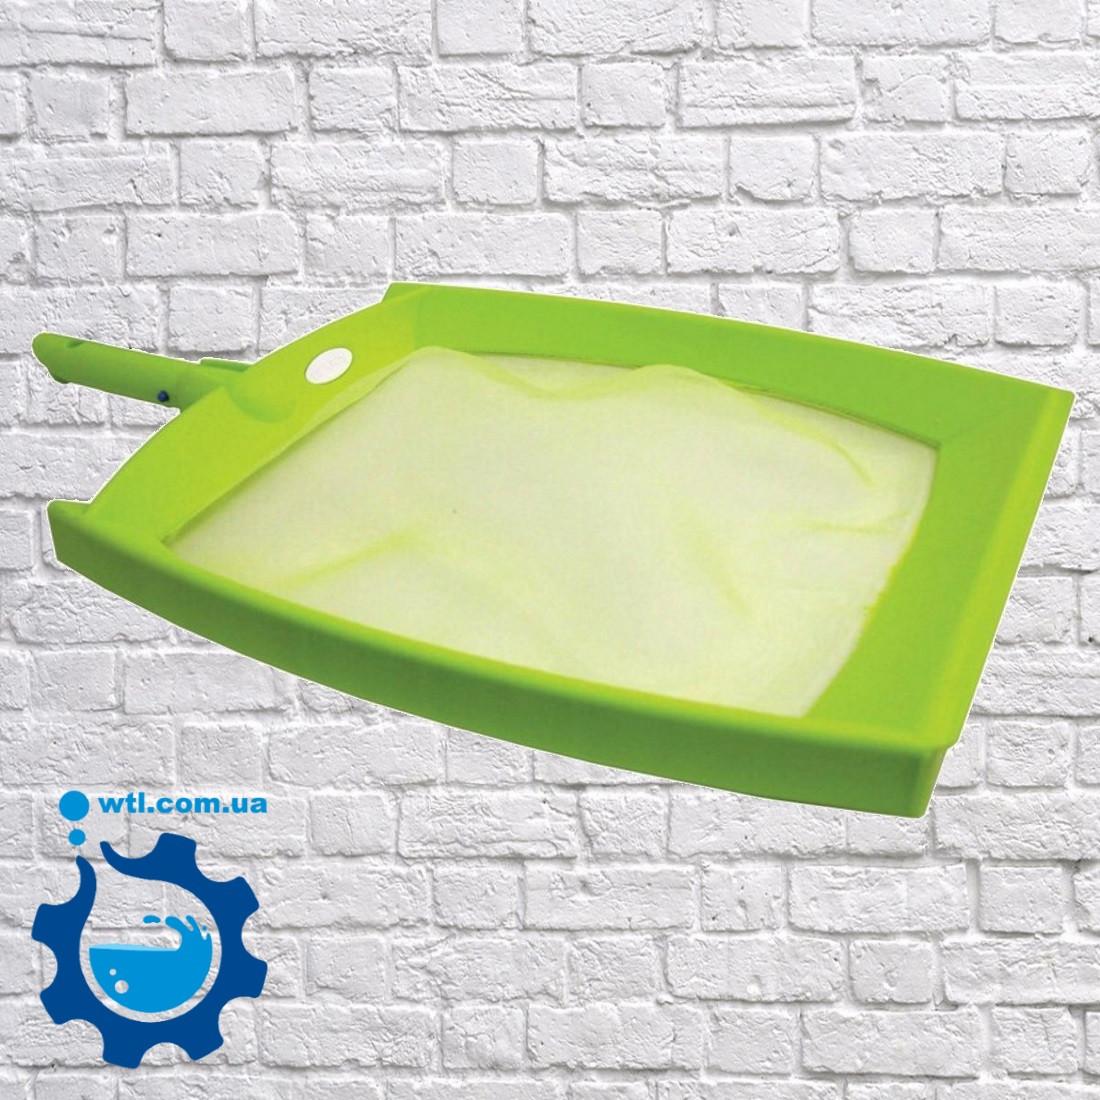 Сачок для бассейна (насадка). Сачок для поверхности Kokido Design-O K413BU. Аксессуары для чистки бассейна